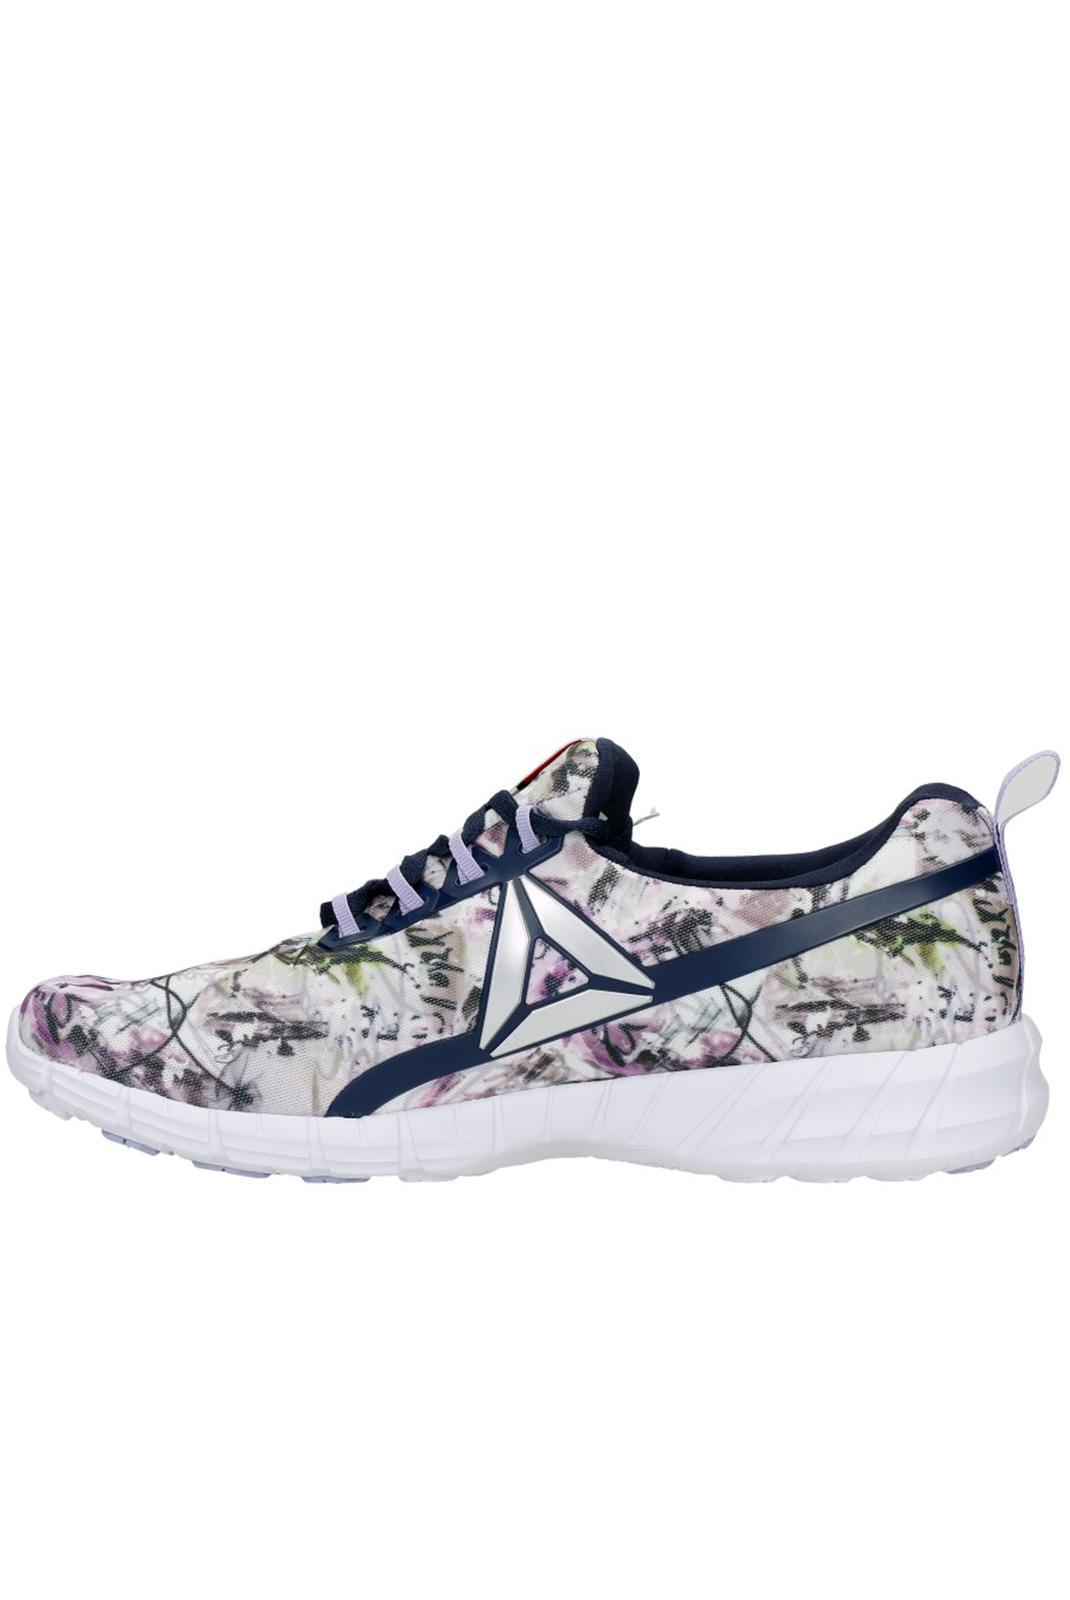 Baskets / Sneakers  Reebok AR2713 VIOLET